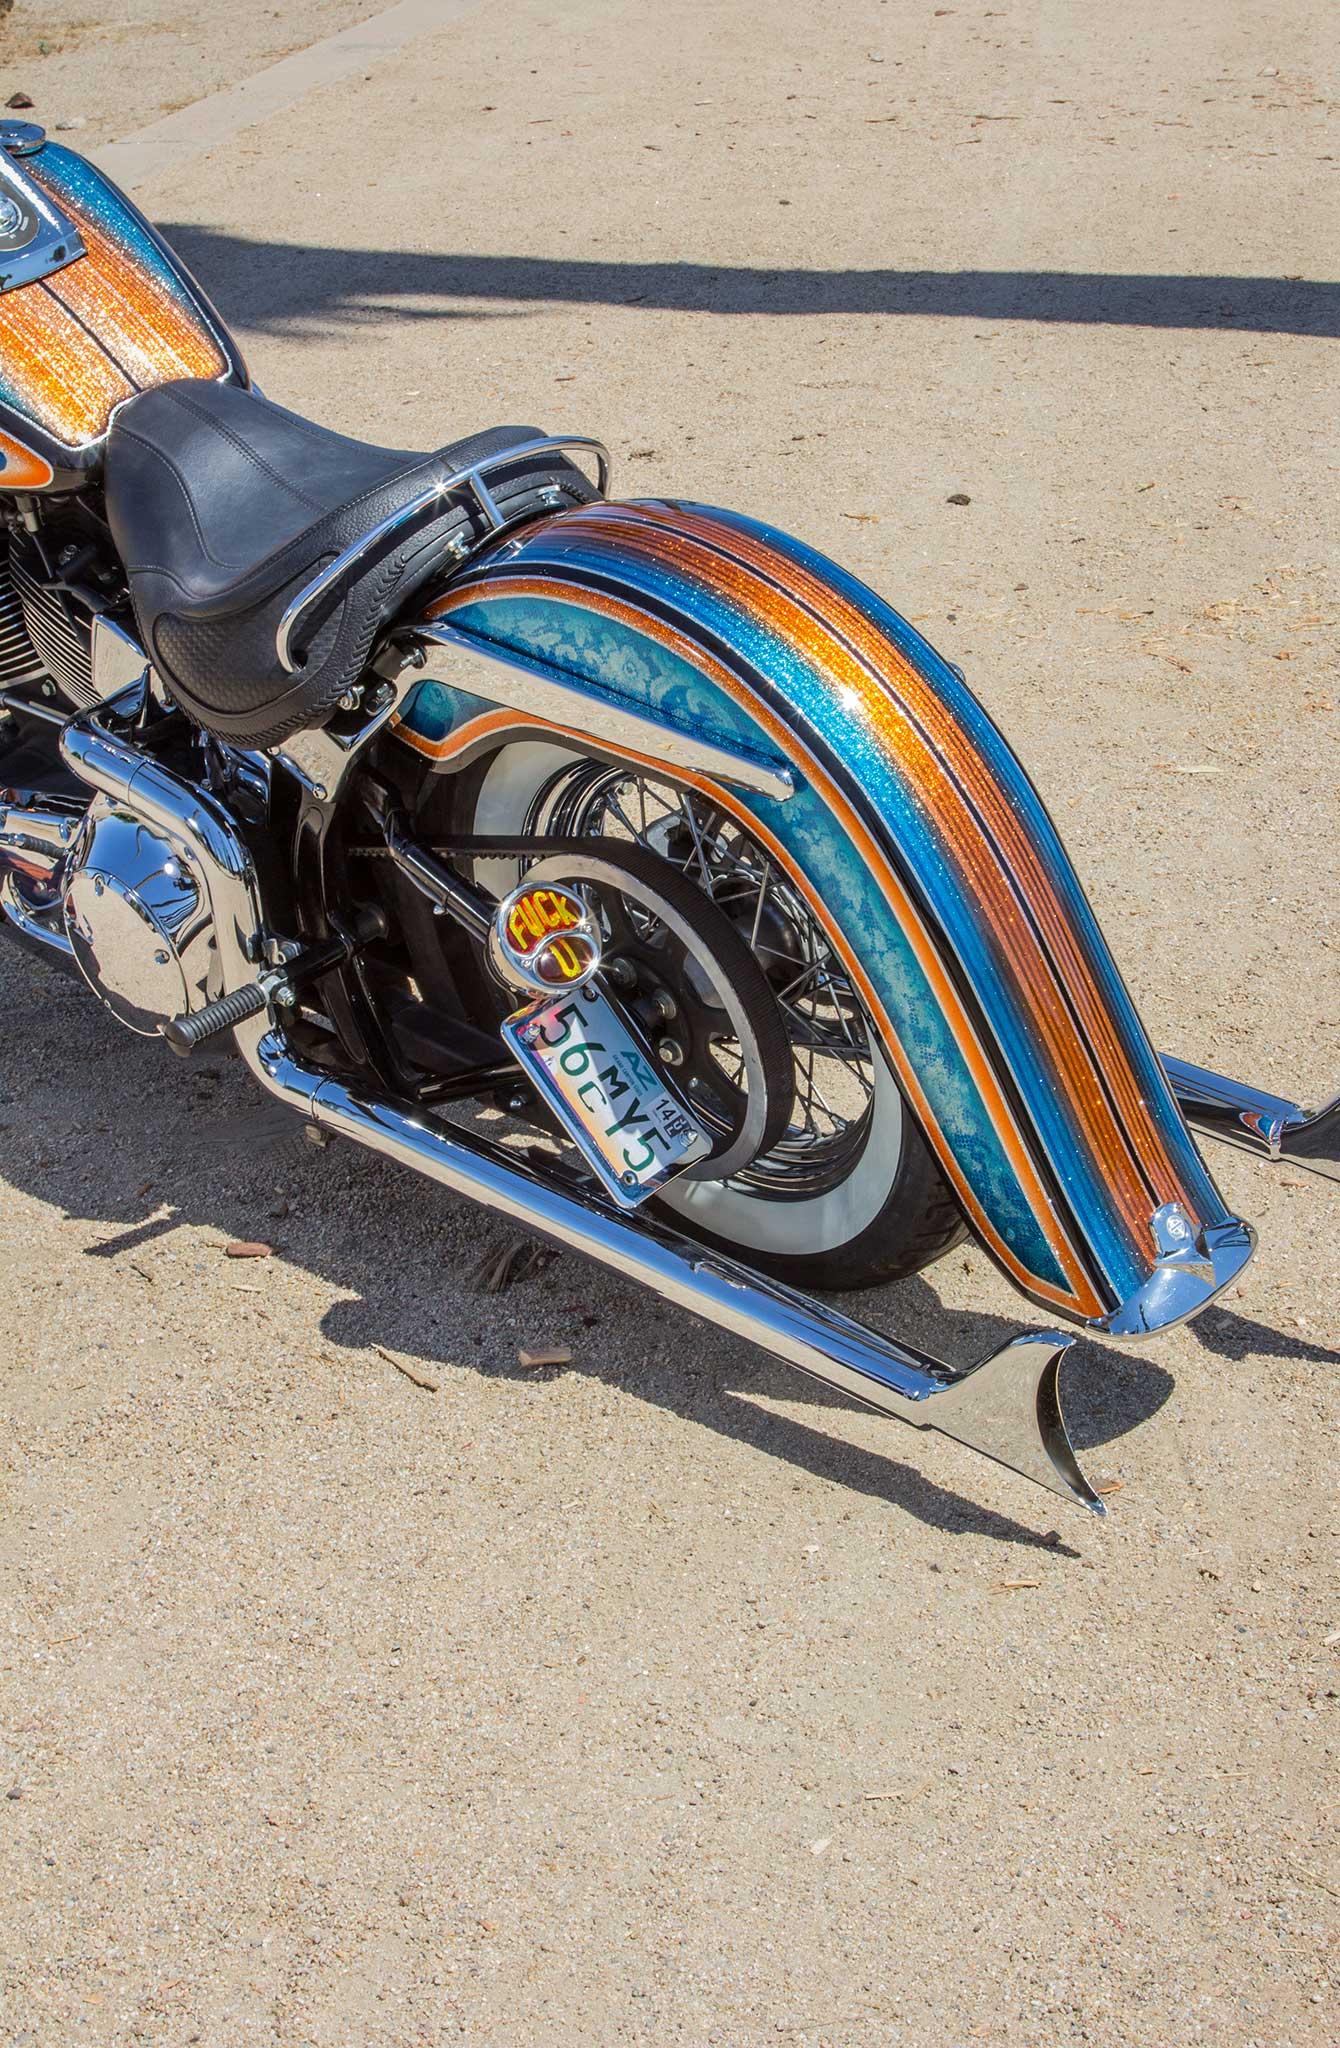 2006 Harley-Davidson Springer Softail - Till Death Do Us Part